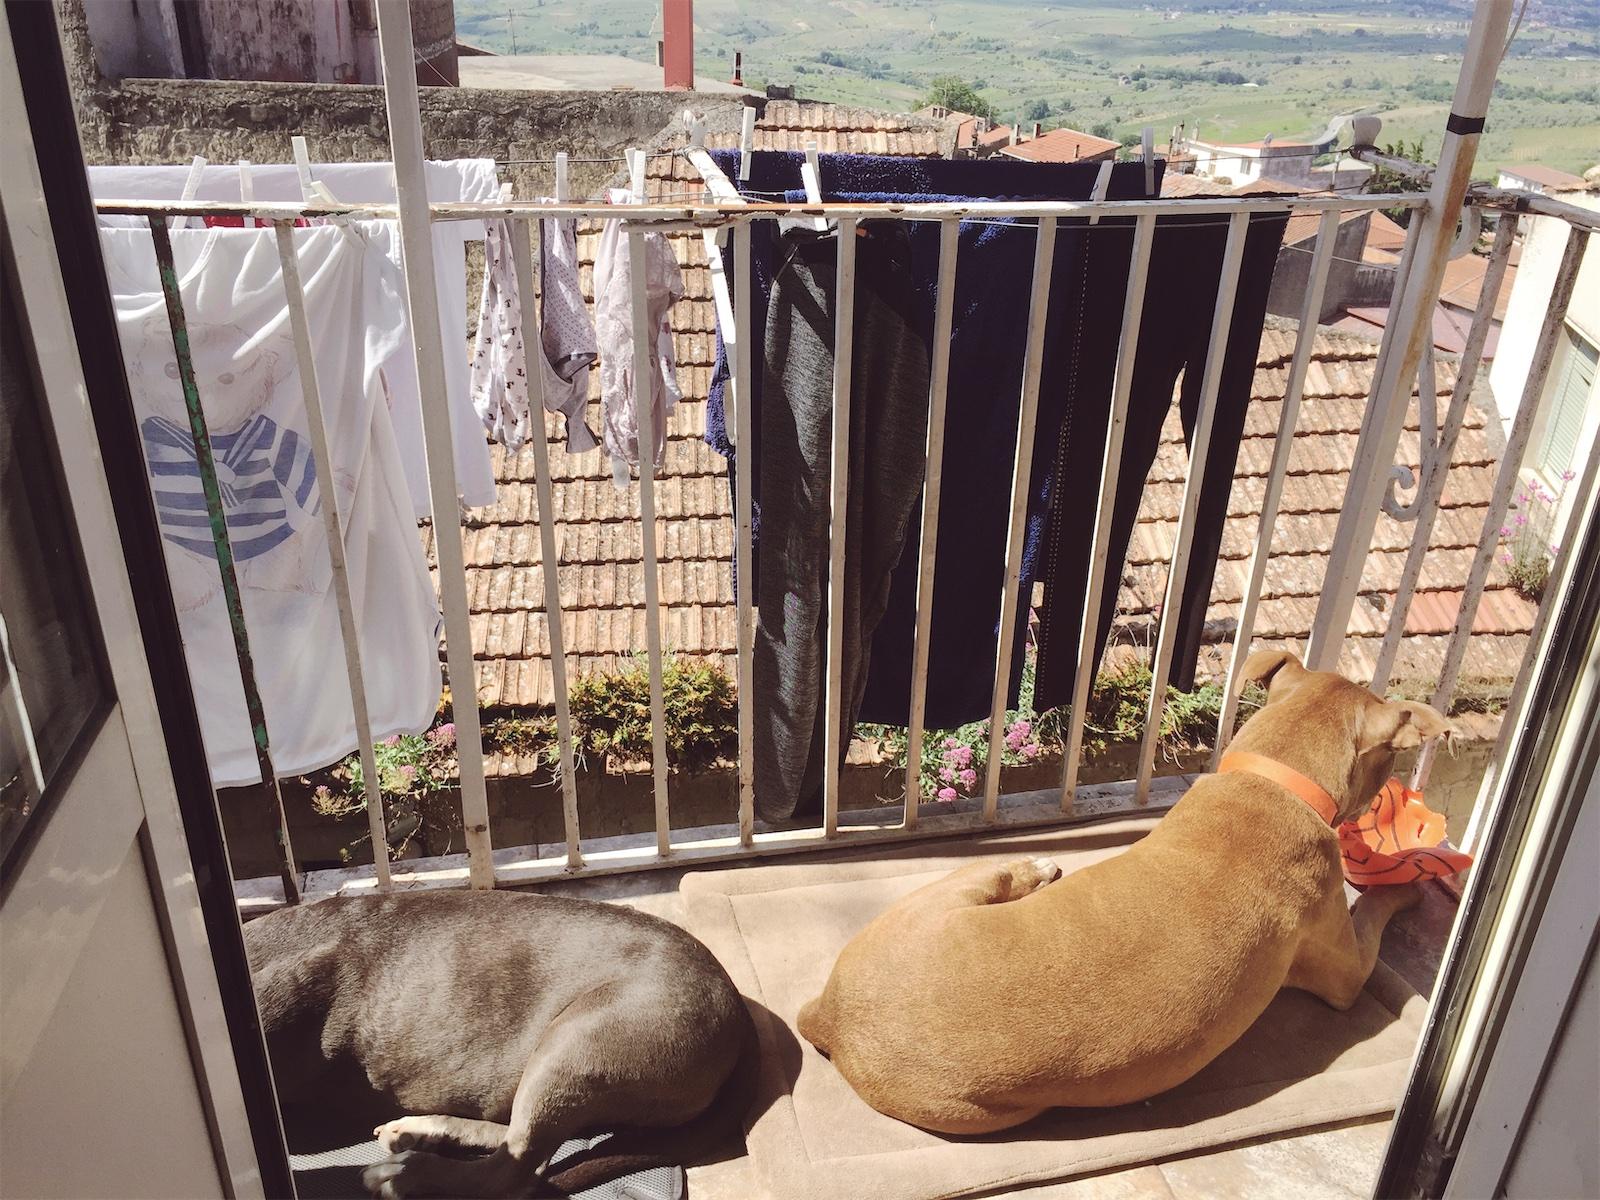 Two dogs living la bella vita